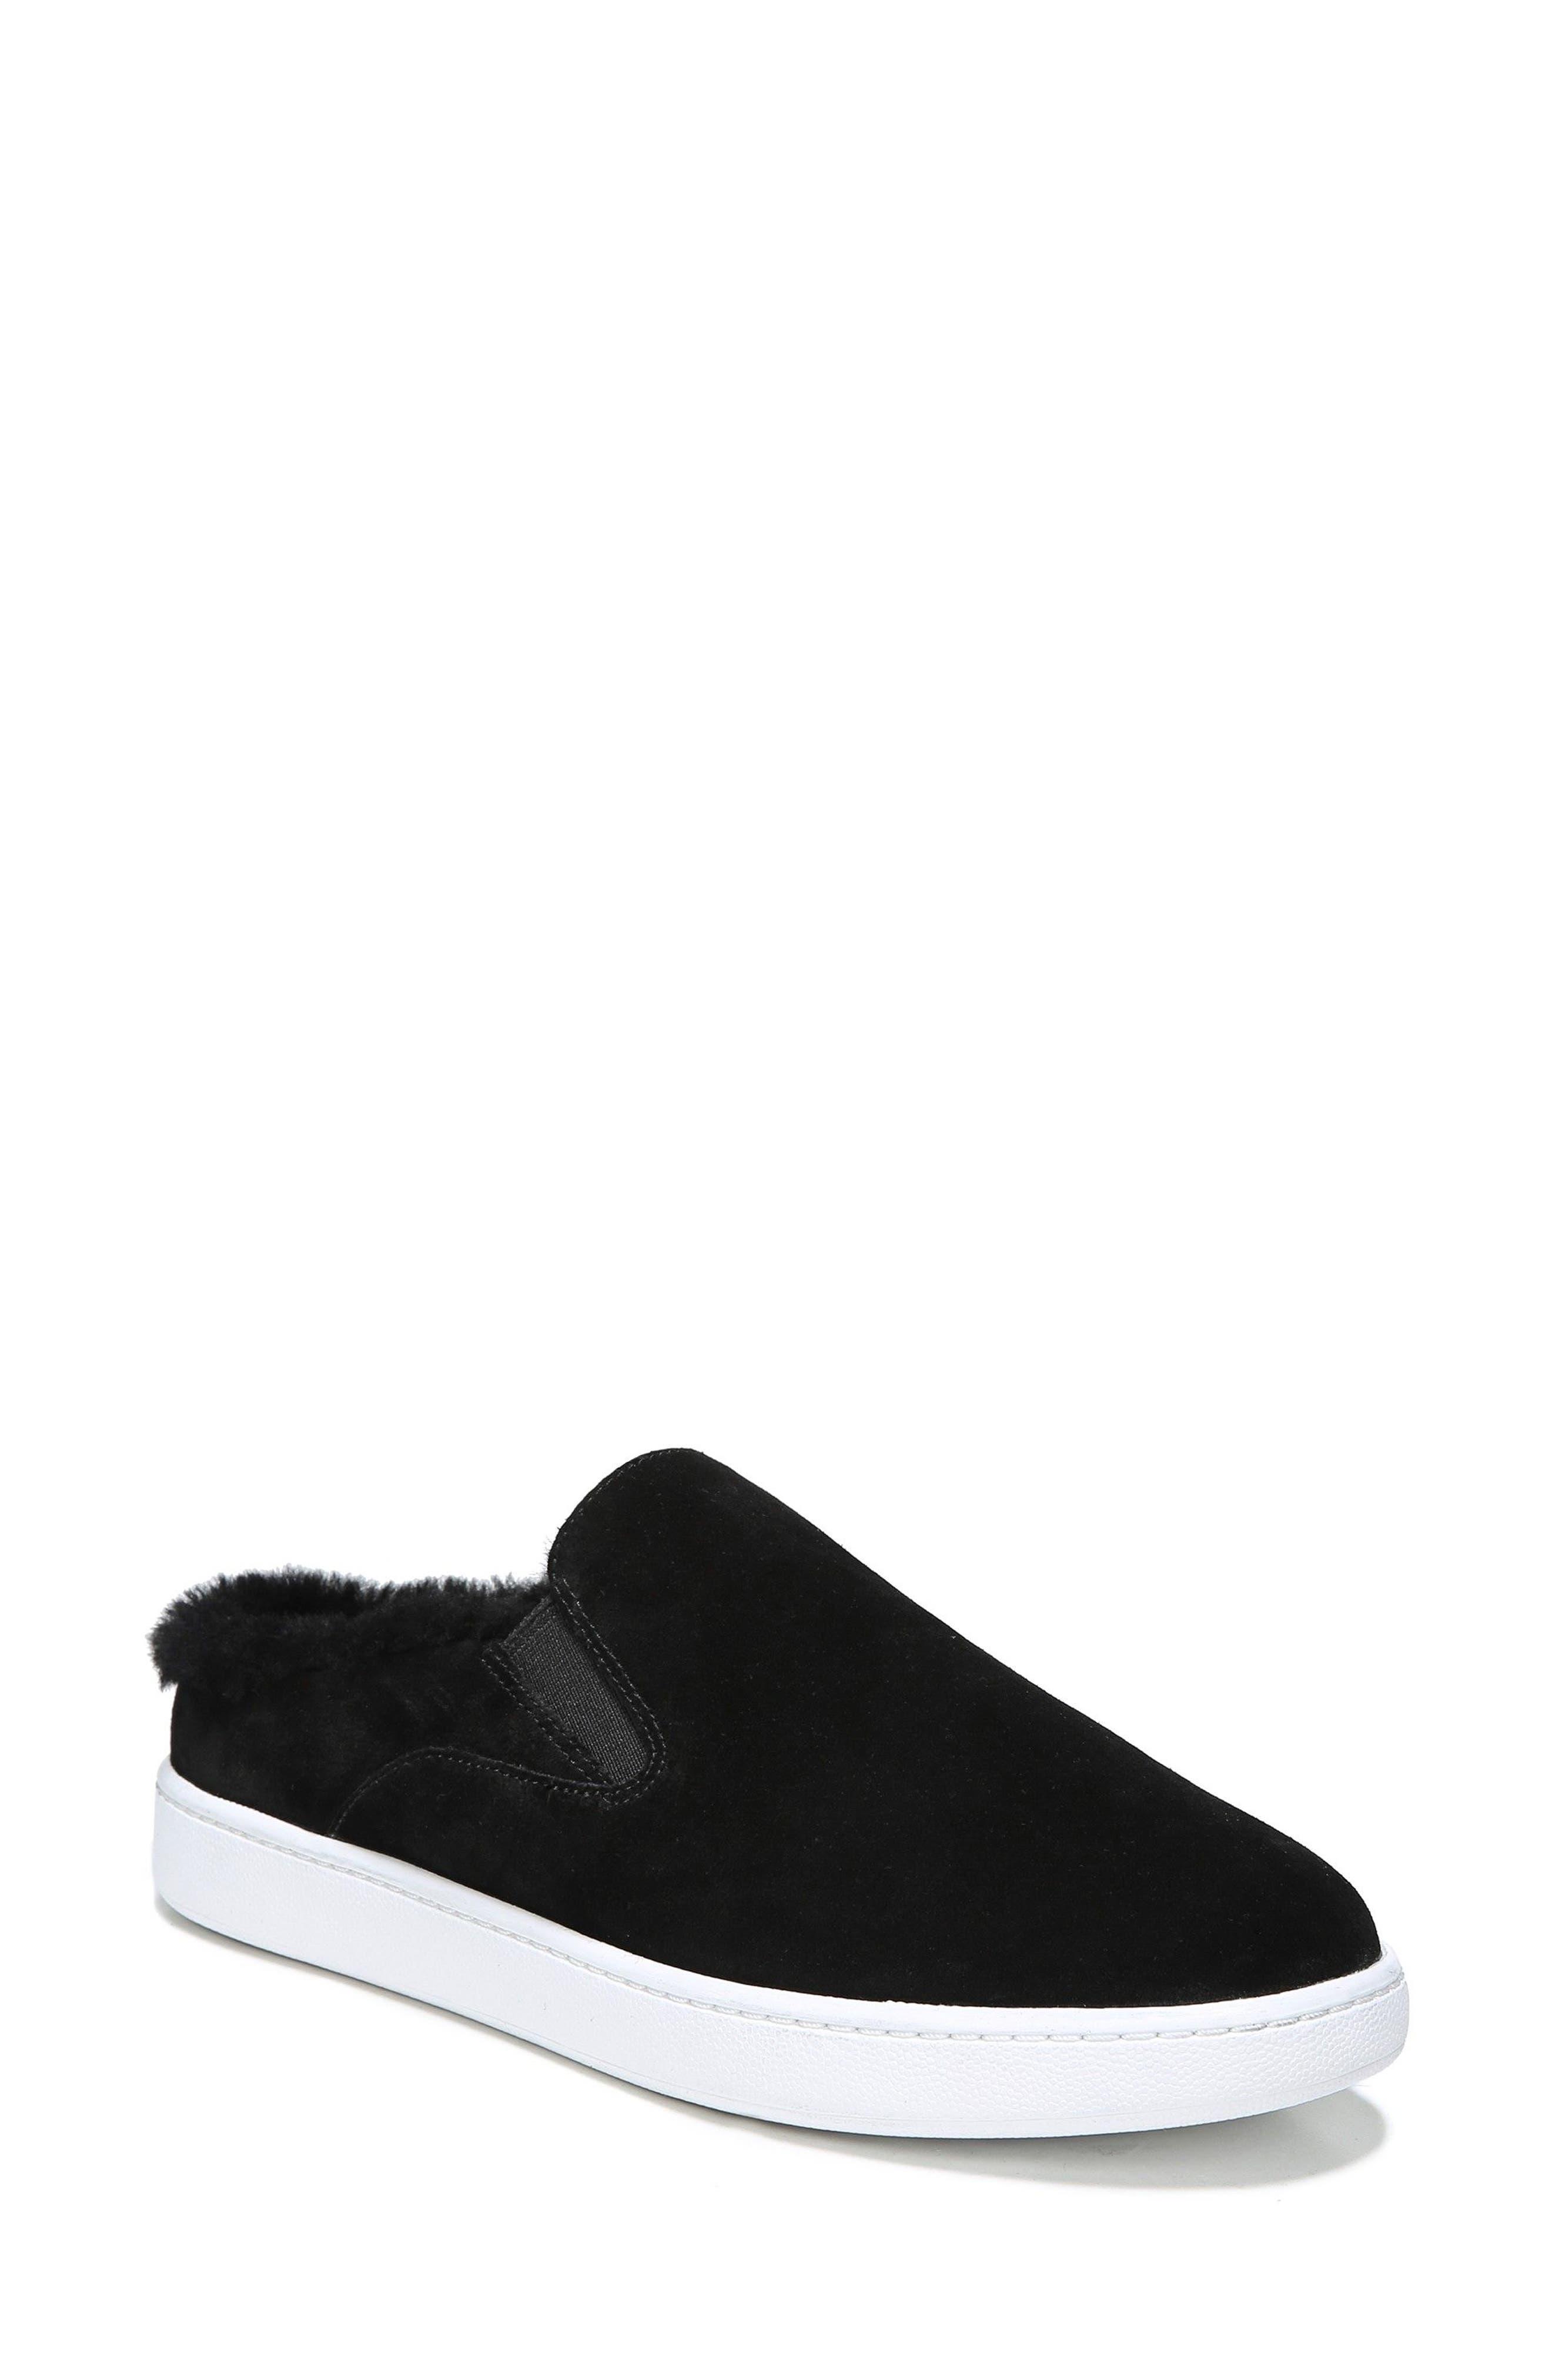 Verrell Genuine Shearling Slip-On Sneaker,                             Main thumbnail 1, color,                             001